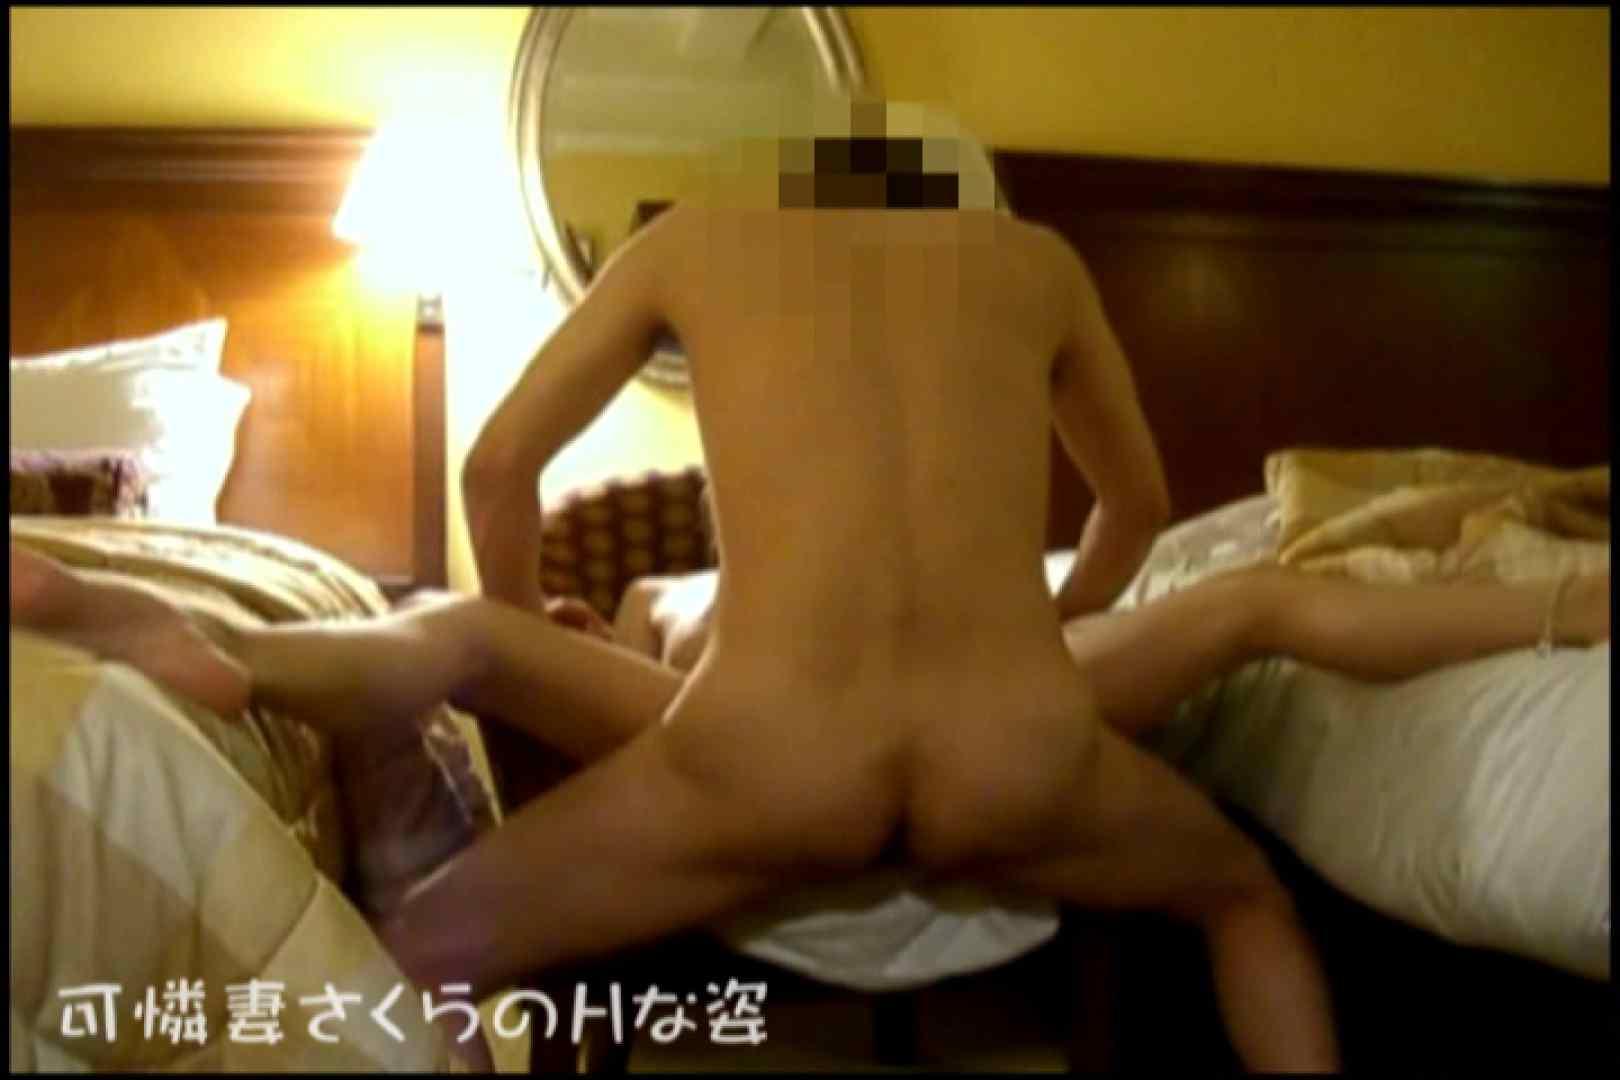 可憐妻さくらのHな姿vol.7 熟女の裸体 | OL裸体  99画像 53